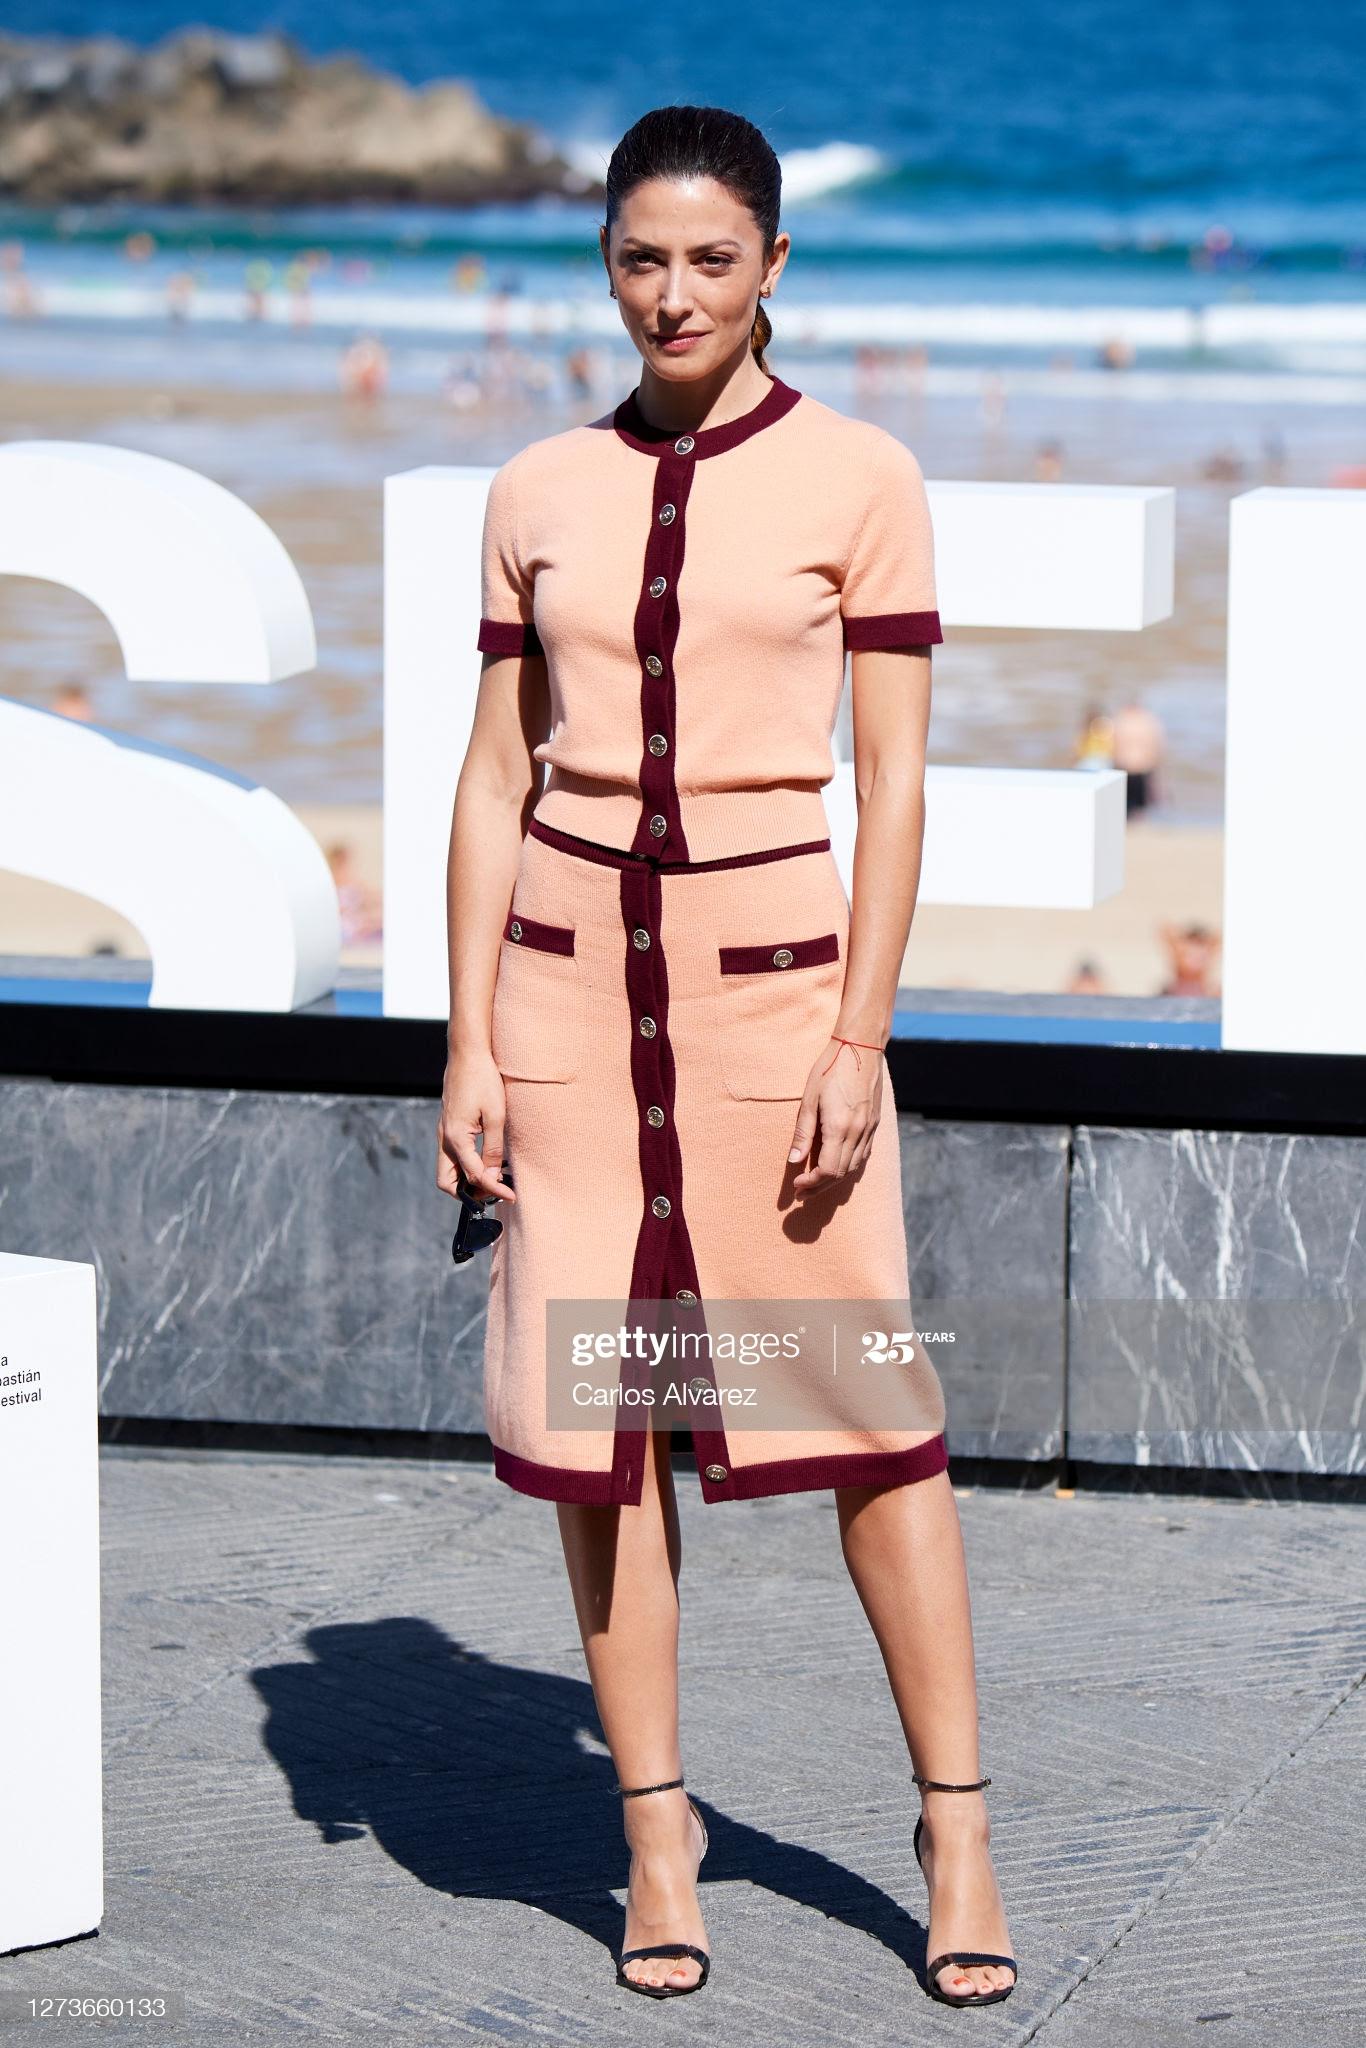 bab120c0 c952 4ea3 9fce f66a46578c66 - Festival de San Sebastián: Todas las celebrities que han lucido Jimmy Choo y Elisabetta Franchi en la alfombra roja